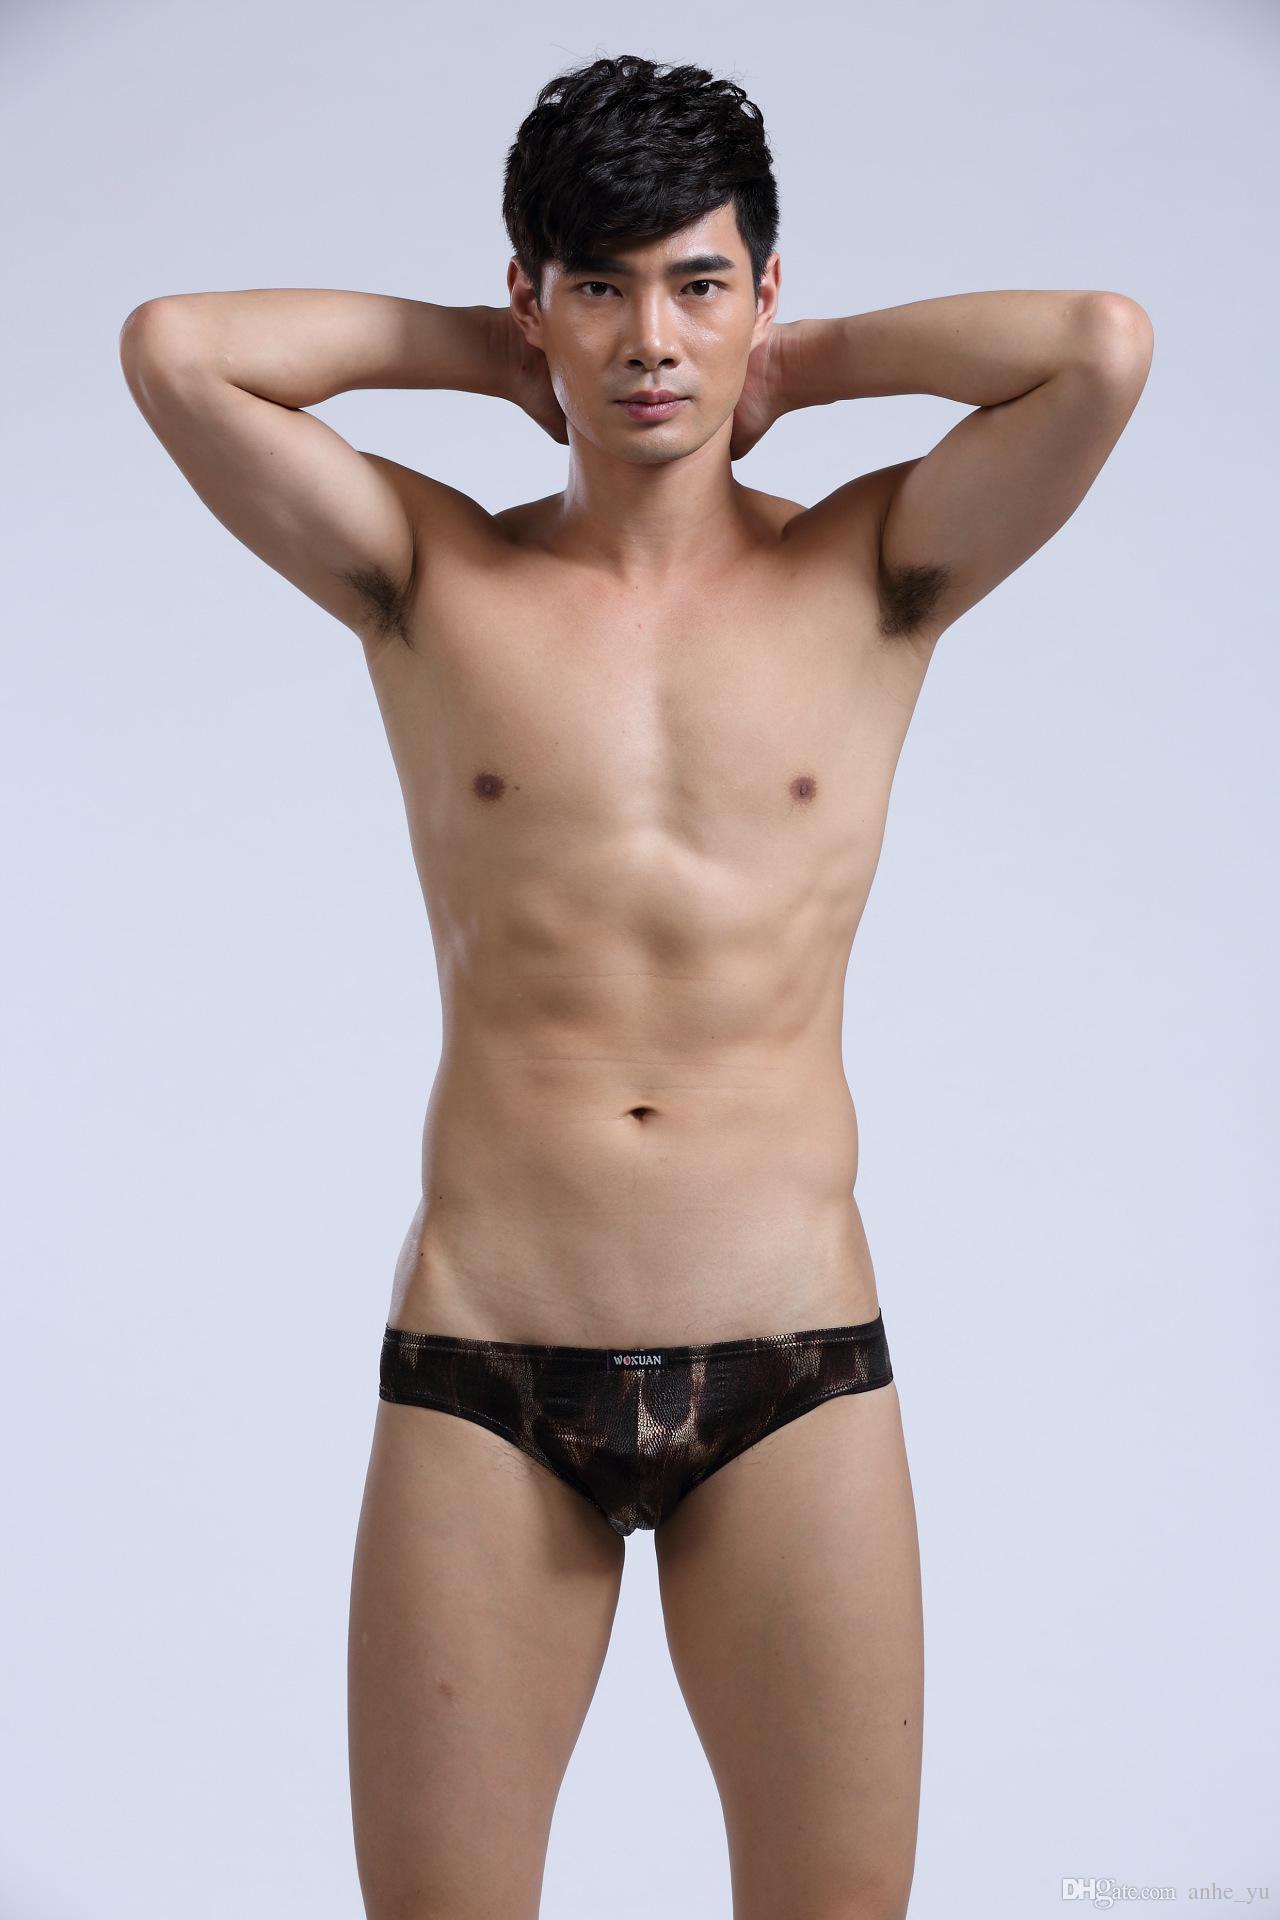 Hot Sexy Men Snake Briefs cintura baja ropa interior transpirable pantalones cortos ropa interior ropa interior erótica Club desgaste G-string alta calidad FX11